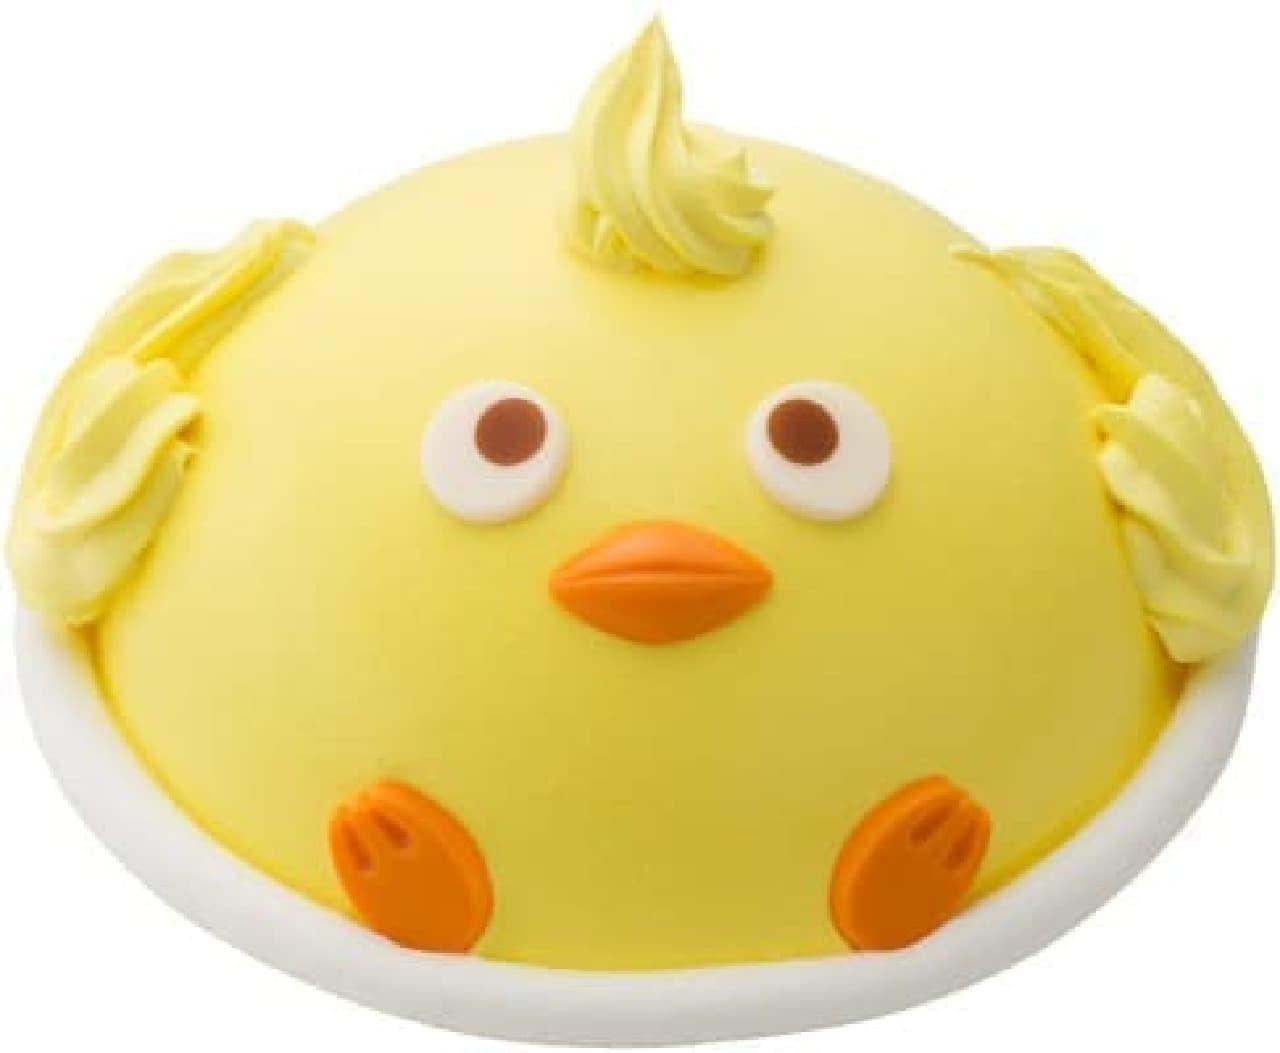 とぼけた表情がキュートなアイスケーキ「ひよっぴー」